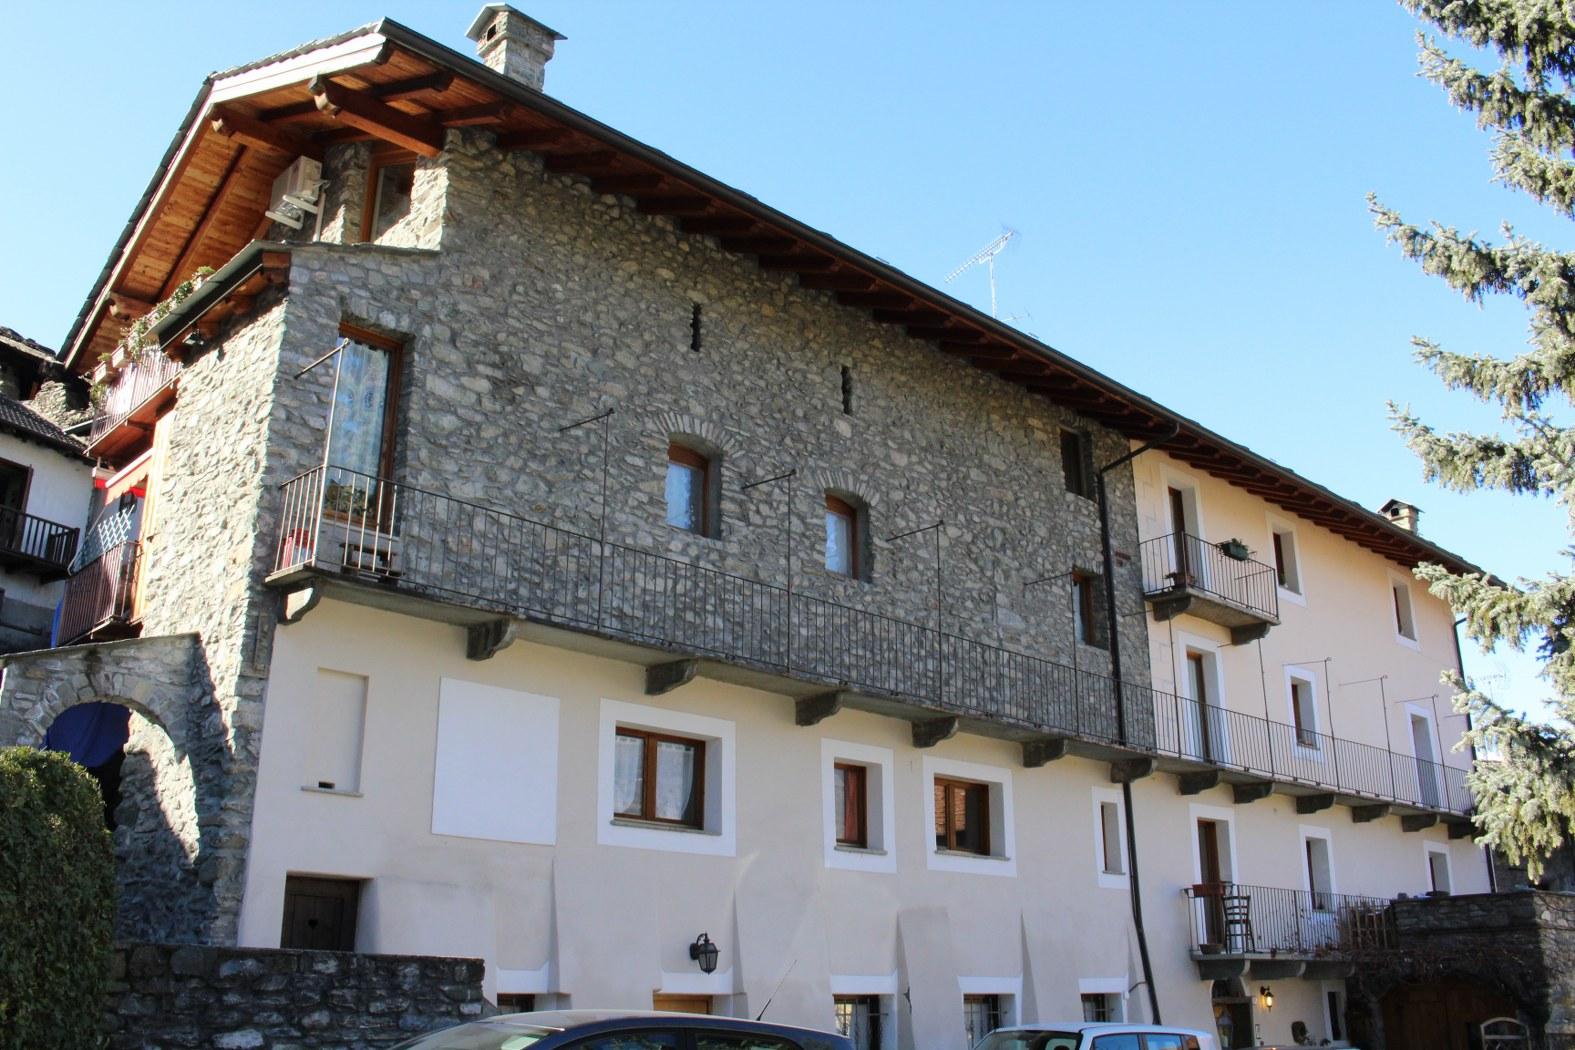 Appartamento in affitto a Pollein, 3 locali, zona Zona: Crêtes, prezzo € 450 | Cambio Casa.it